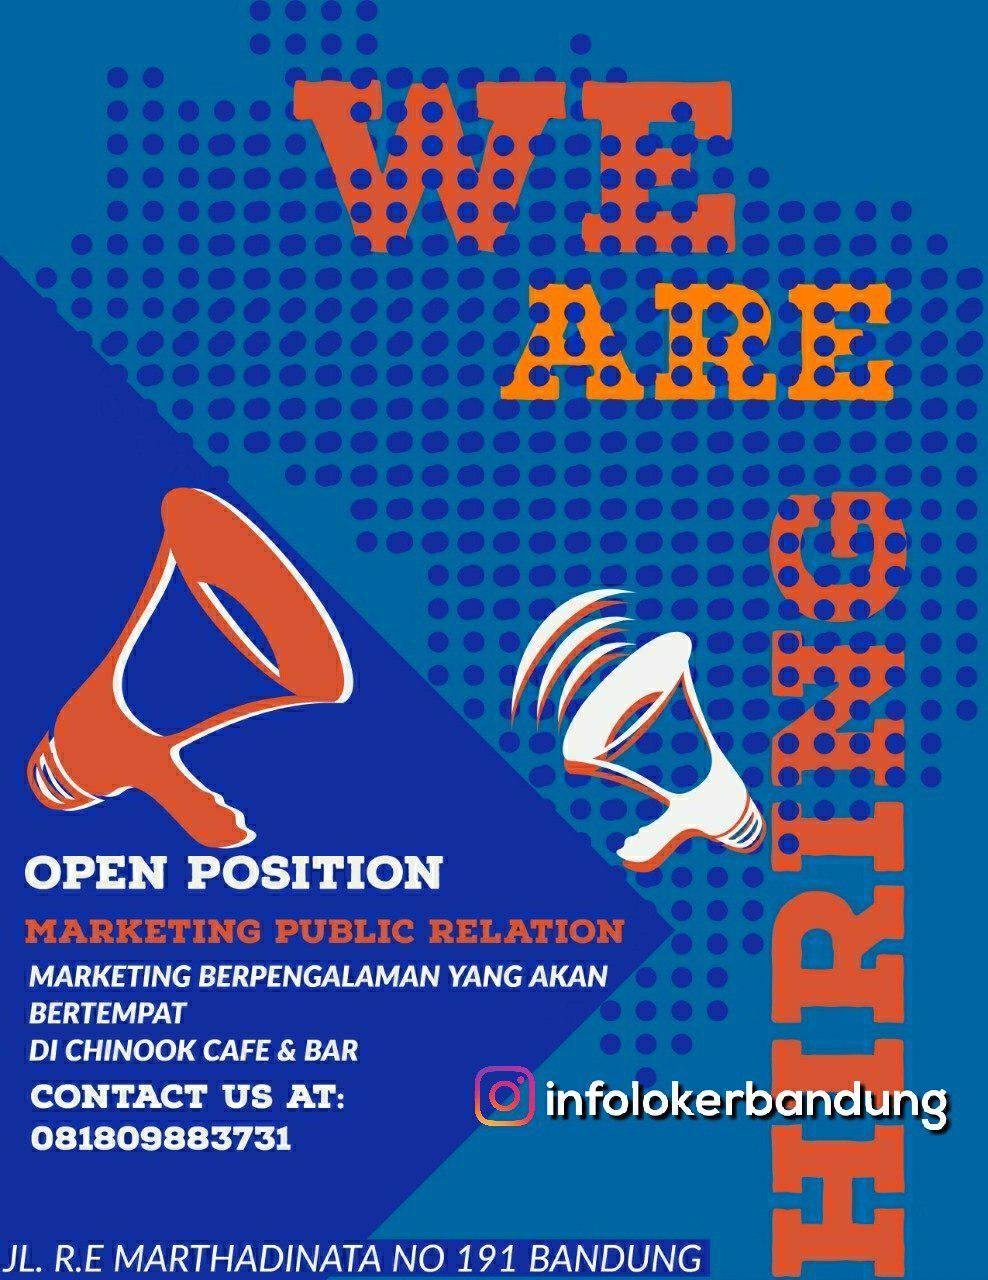 Lowongan Kerja Chinook Cafe & Bar Bandung September 2018